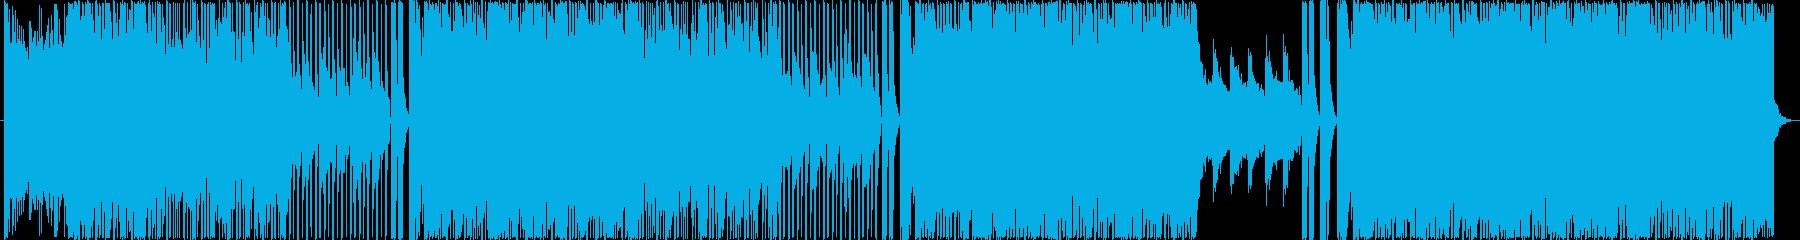 マイケル・ジャクソン系 ダークファンクの再生済みの波形